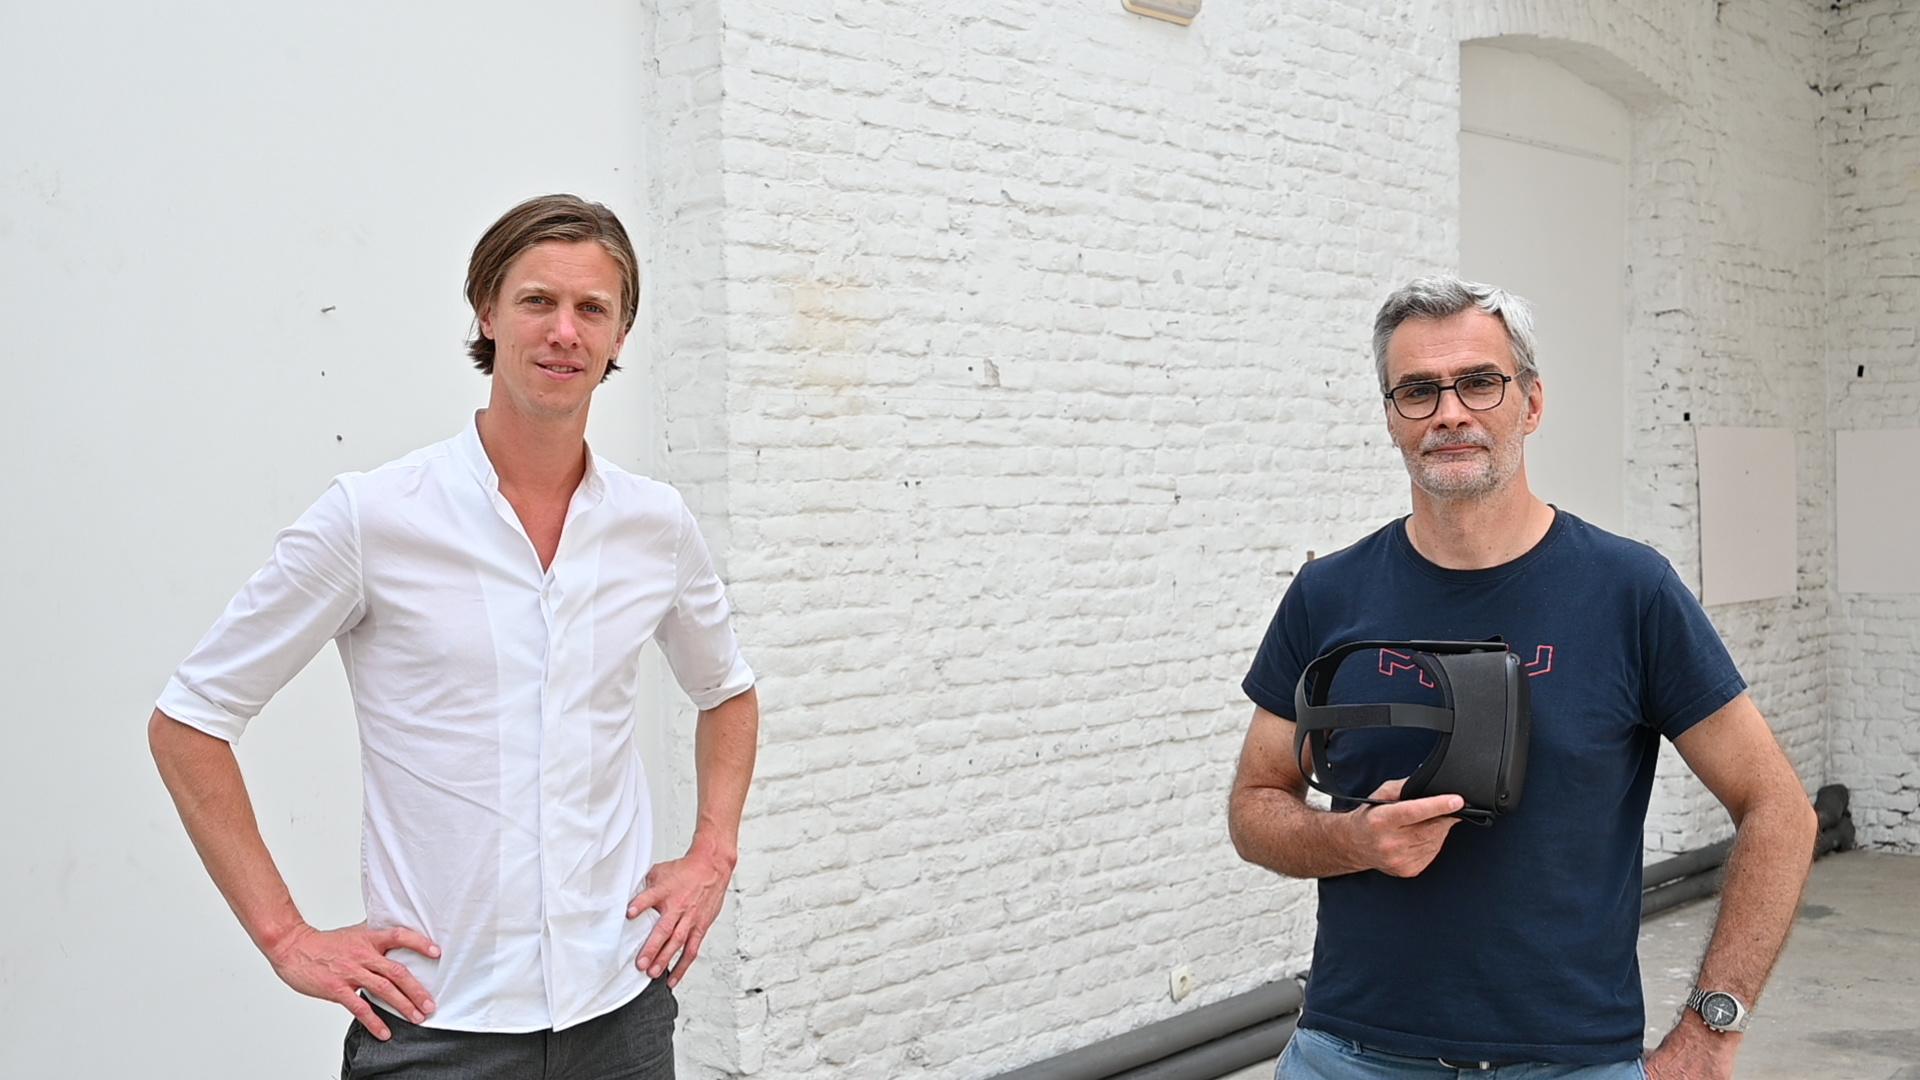 Le COO de PresenZ, Matthieu Labeau (à gauche) à côté du CEO, Tristan Salomé., PresenZ